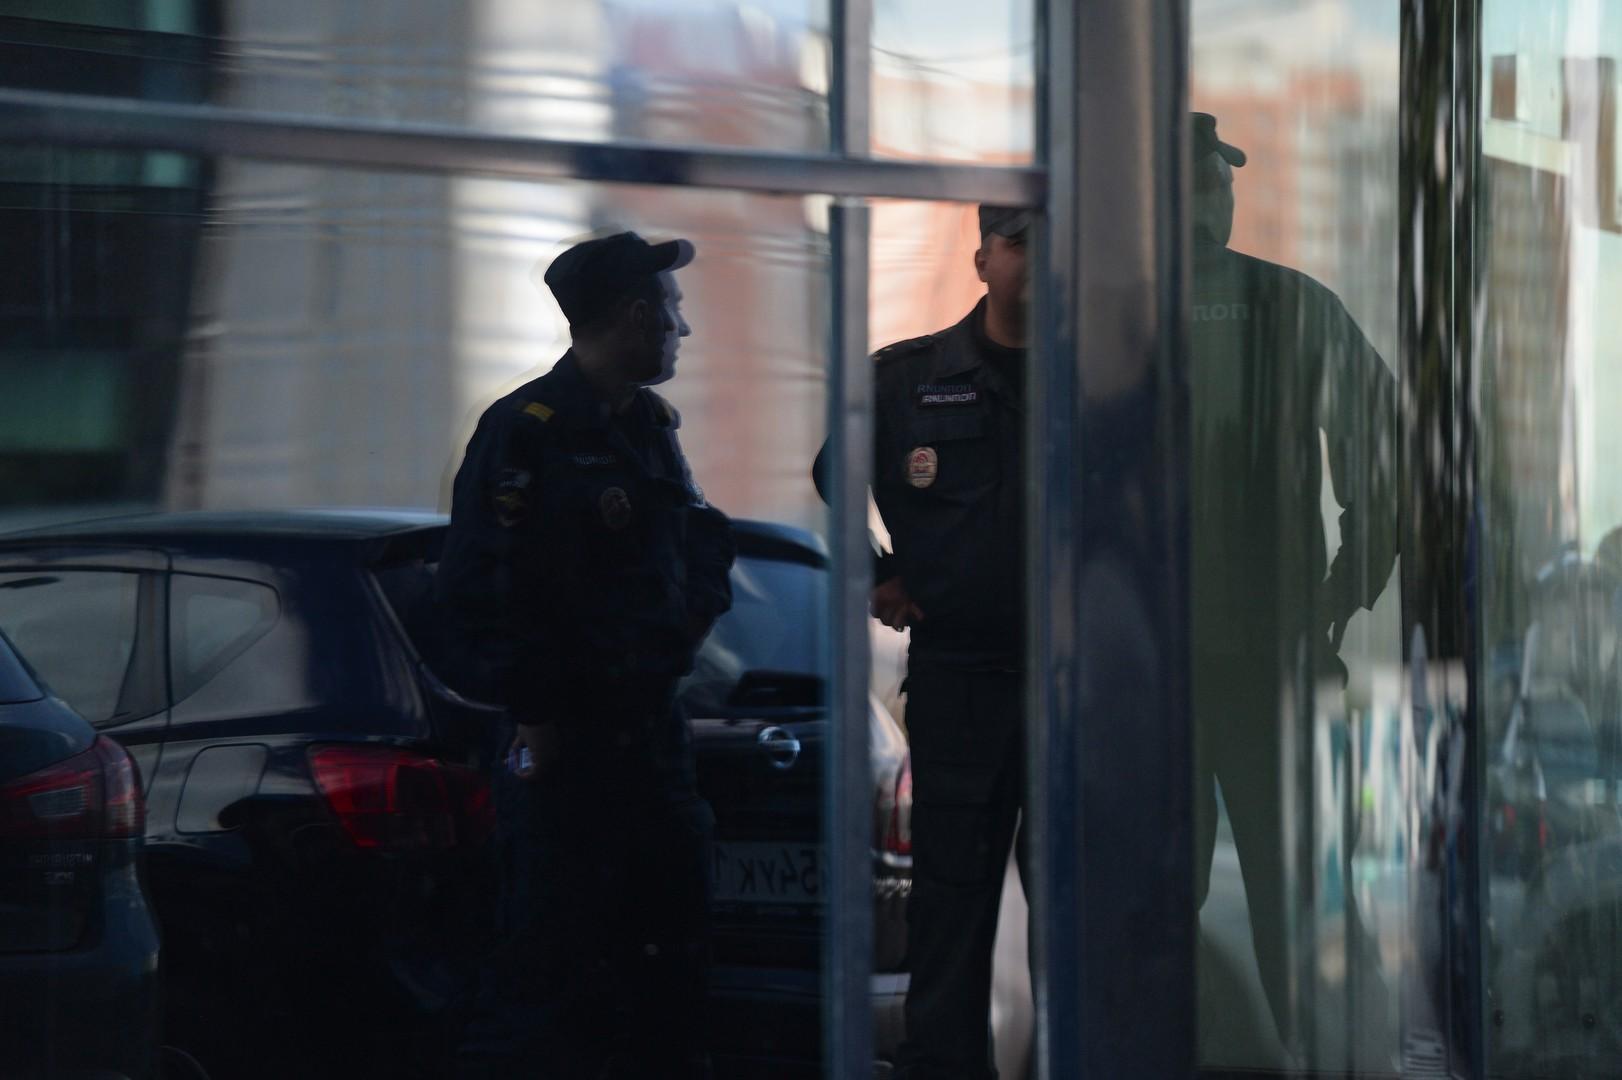 Коррупционный вестник: за арестом Улюкаева последовали новые задержания и обыски